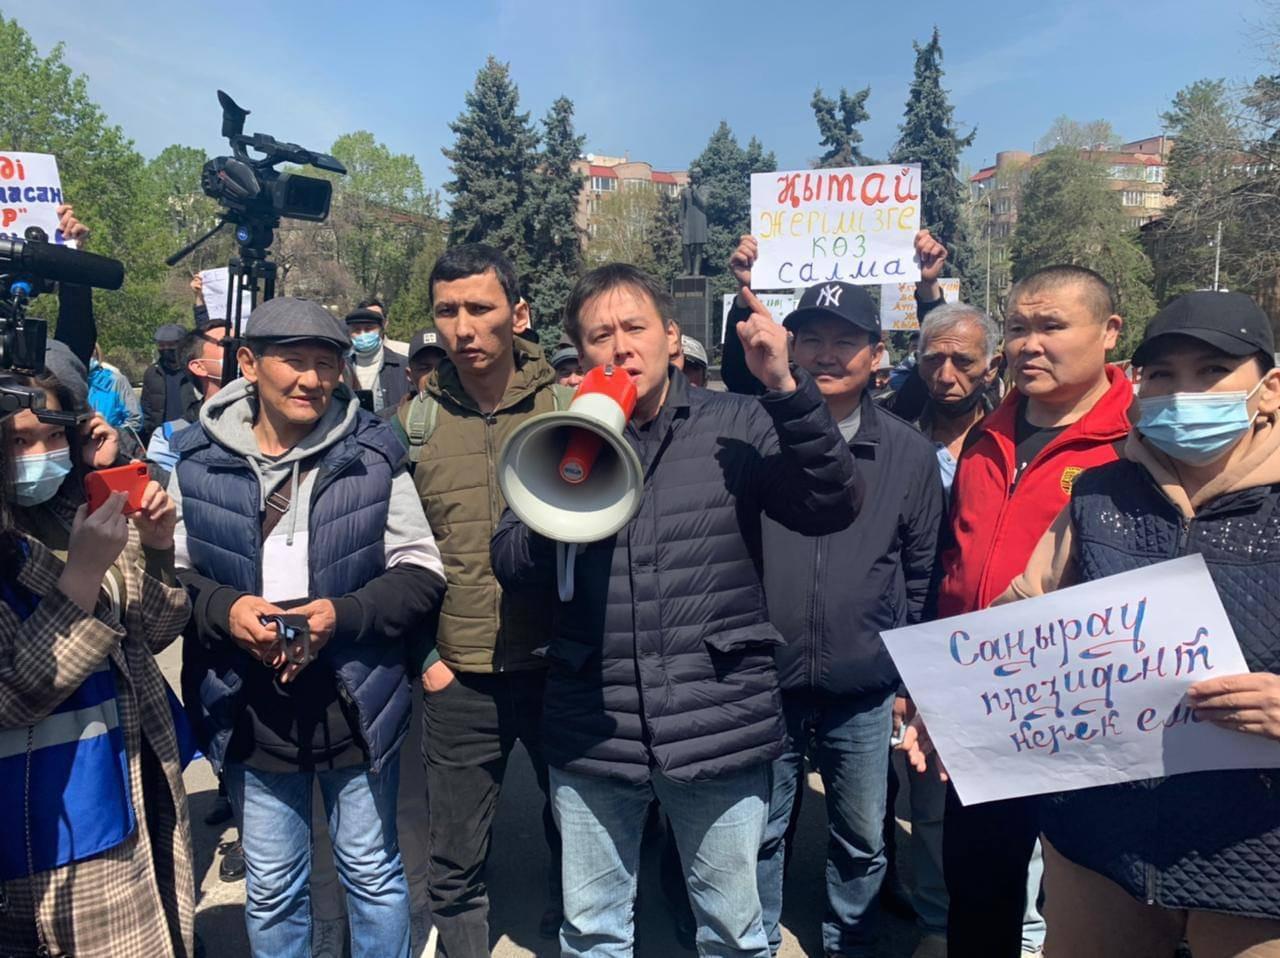 一位抗議者在現場發表演講。(哈薩克人提供)